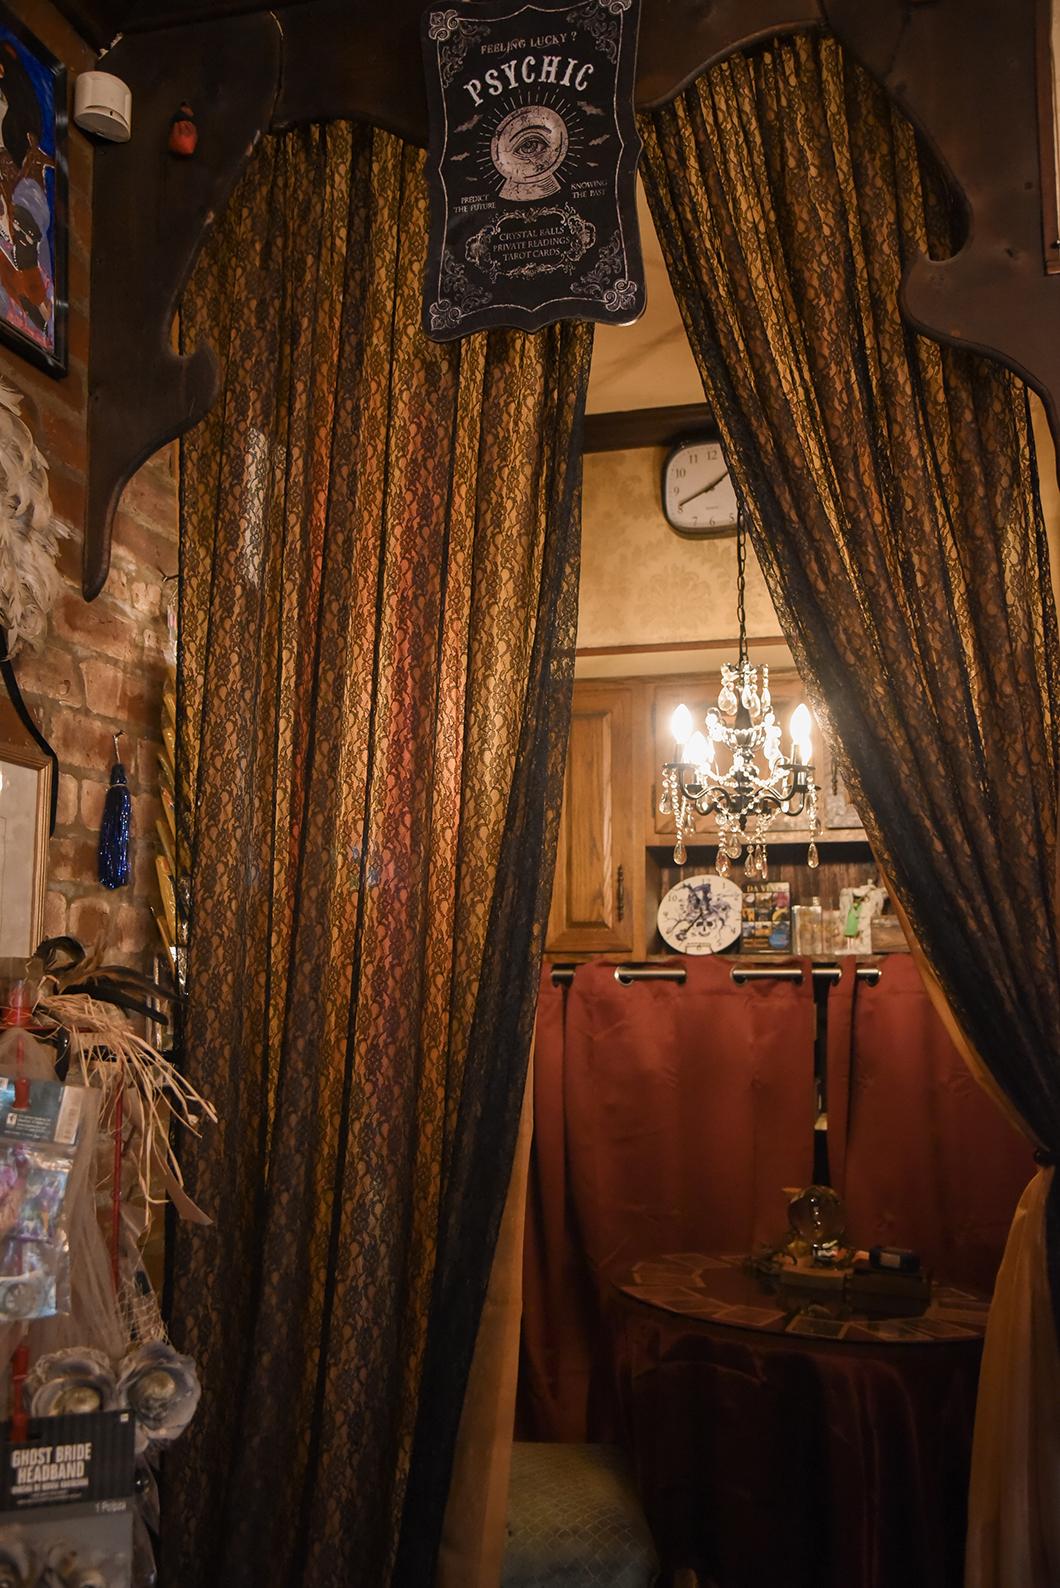 En apprendre plus sur la culture vaudou à la Nouvelle Orléans